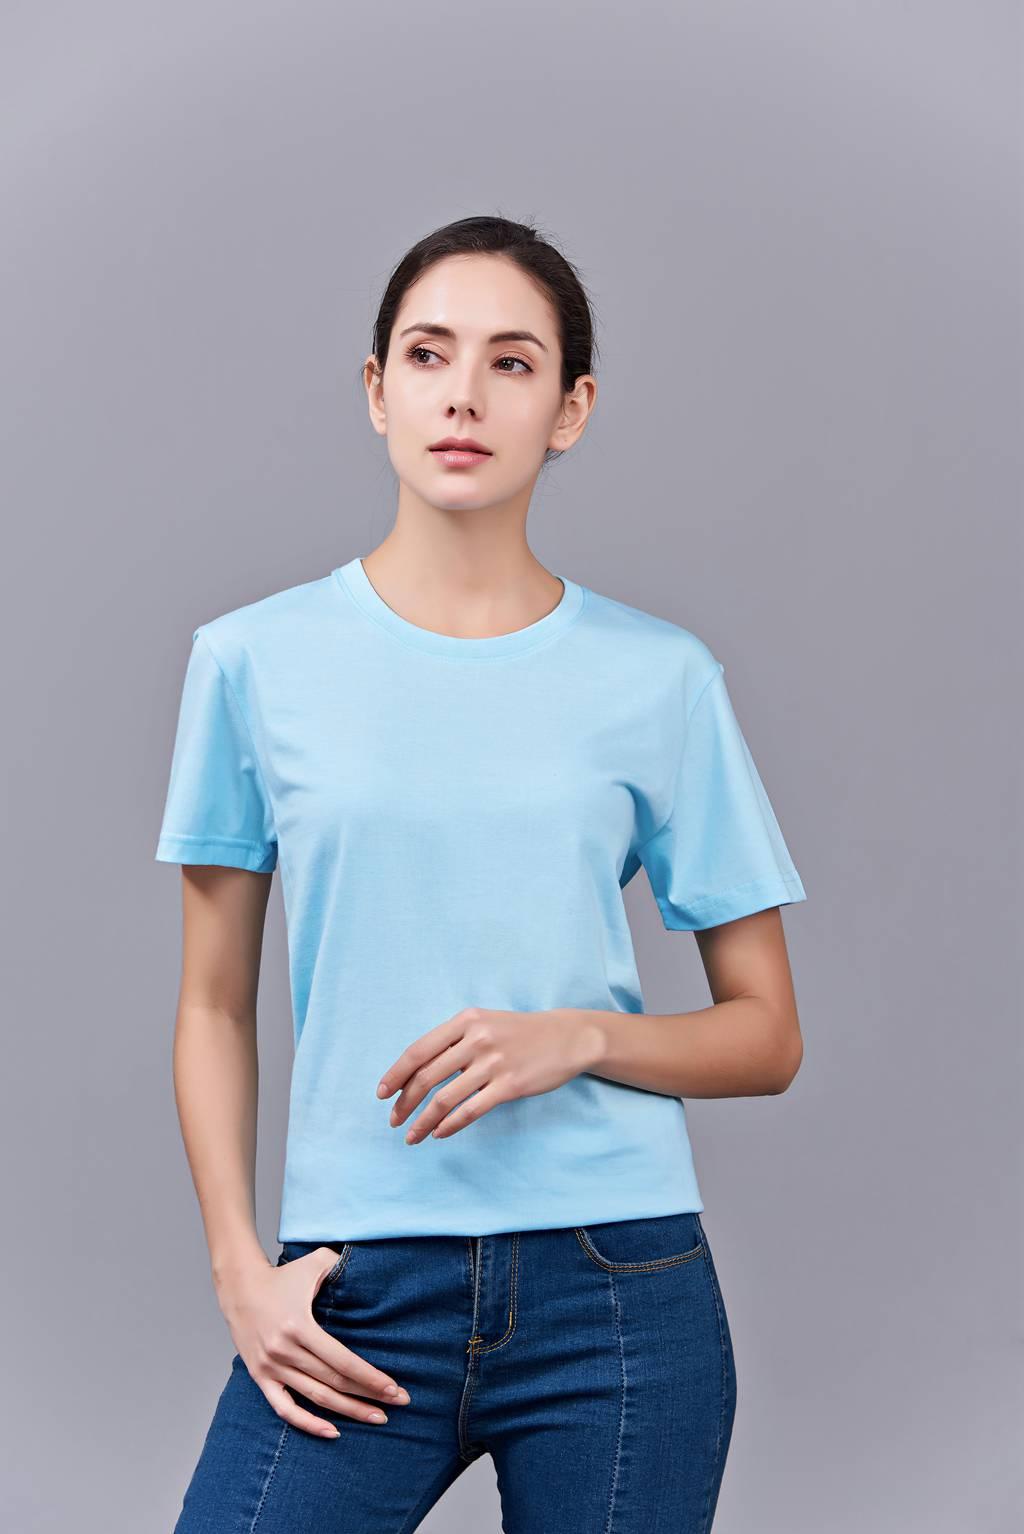 洋气百搭亲子装 半袖显瘦 速干圆领文化衫 春夏新品 天蓝色